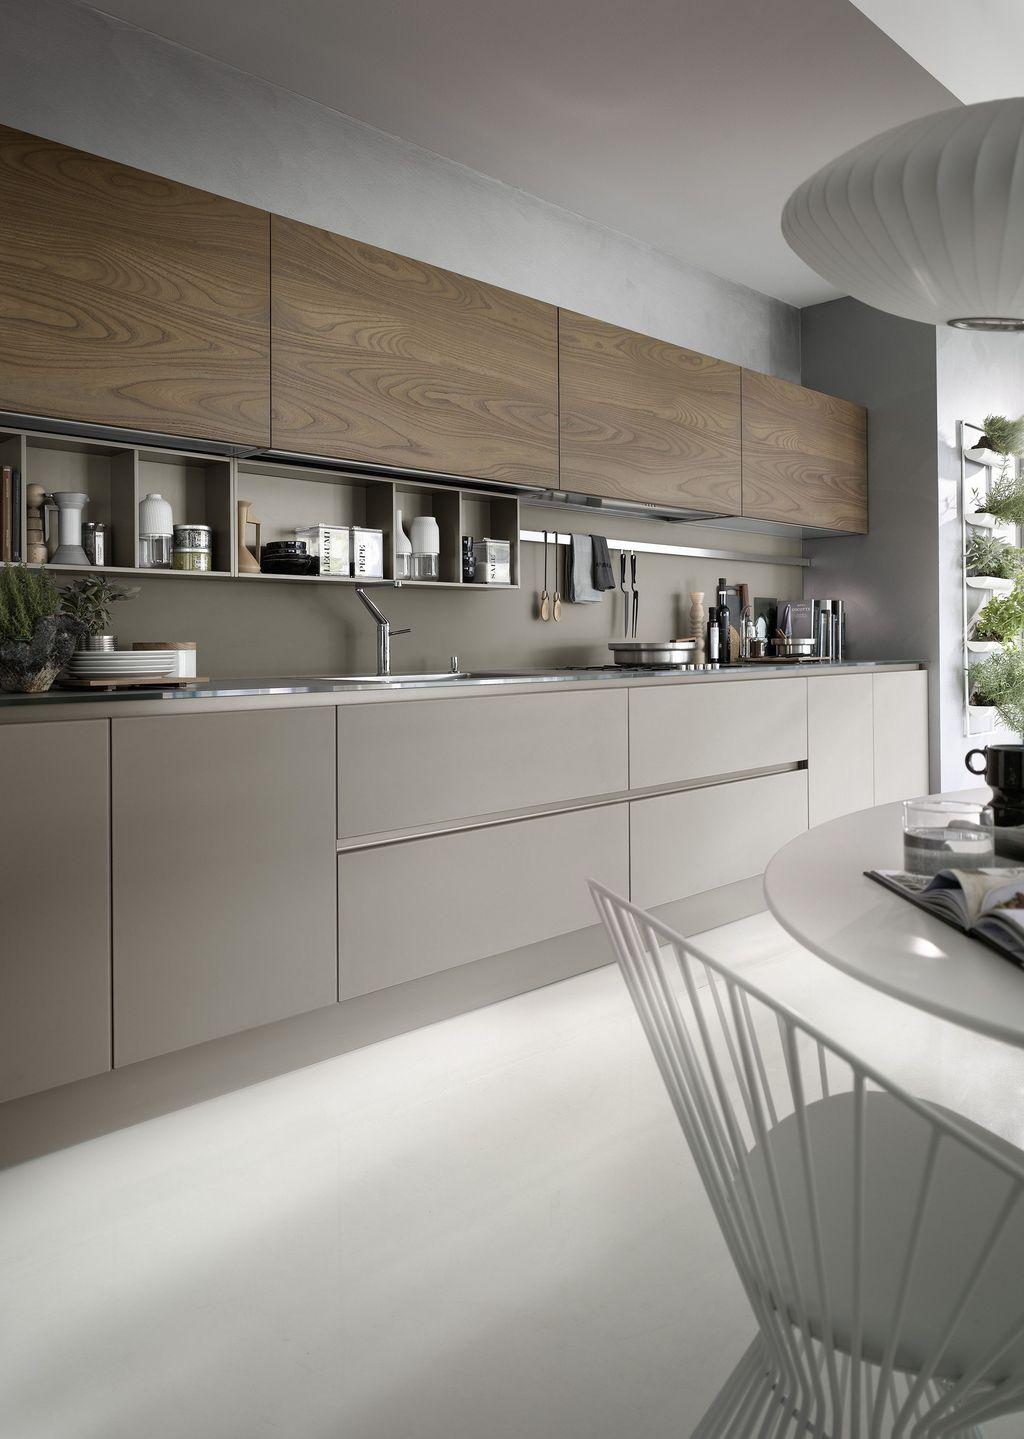 Nice Sage Kitchen Cabinets Design Ideas 29